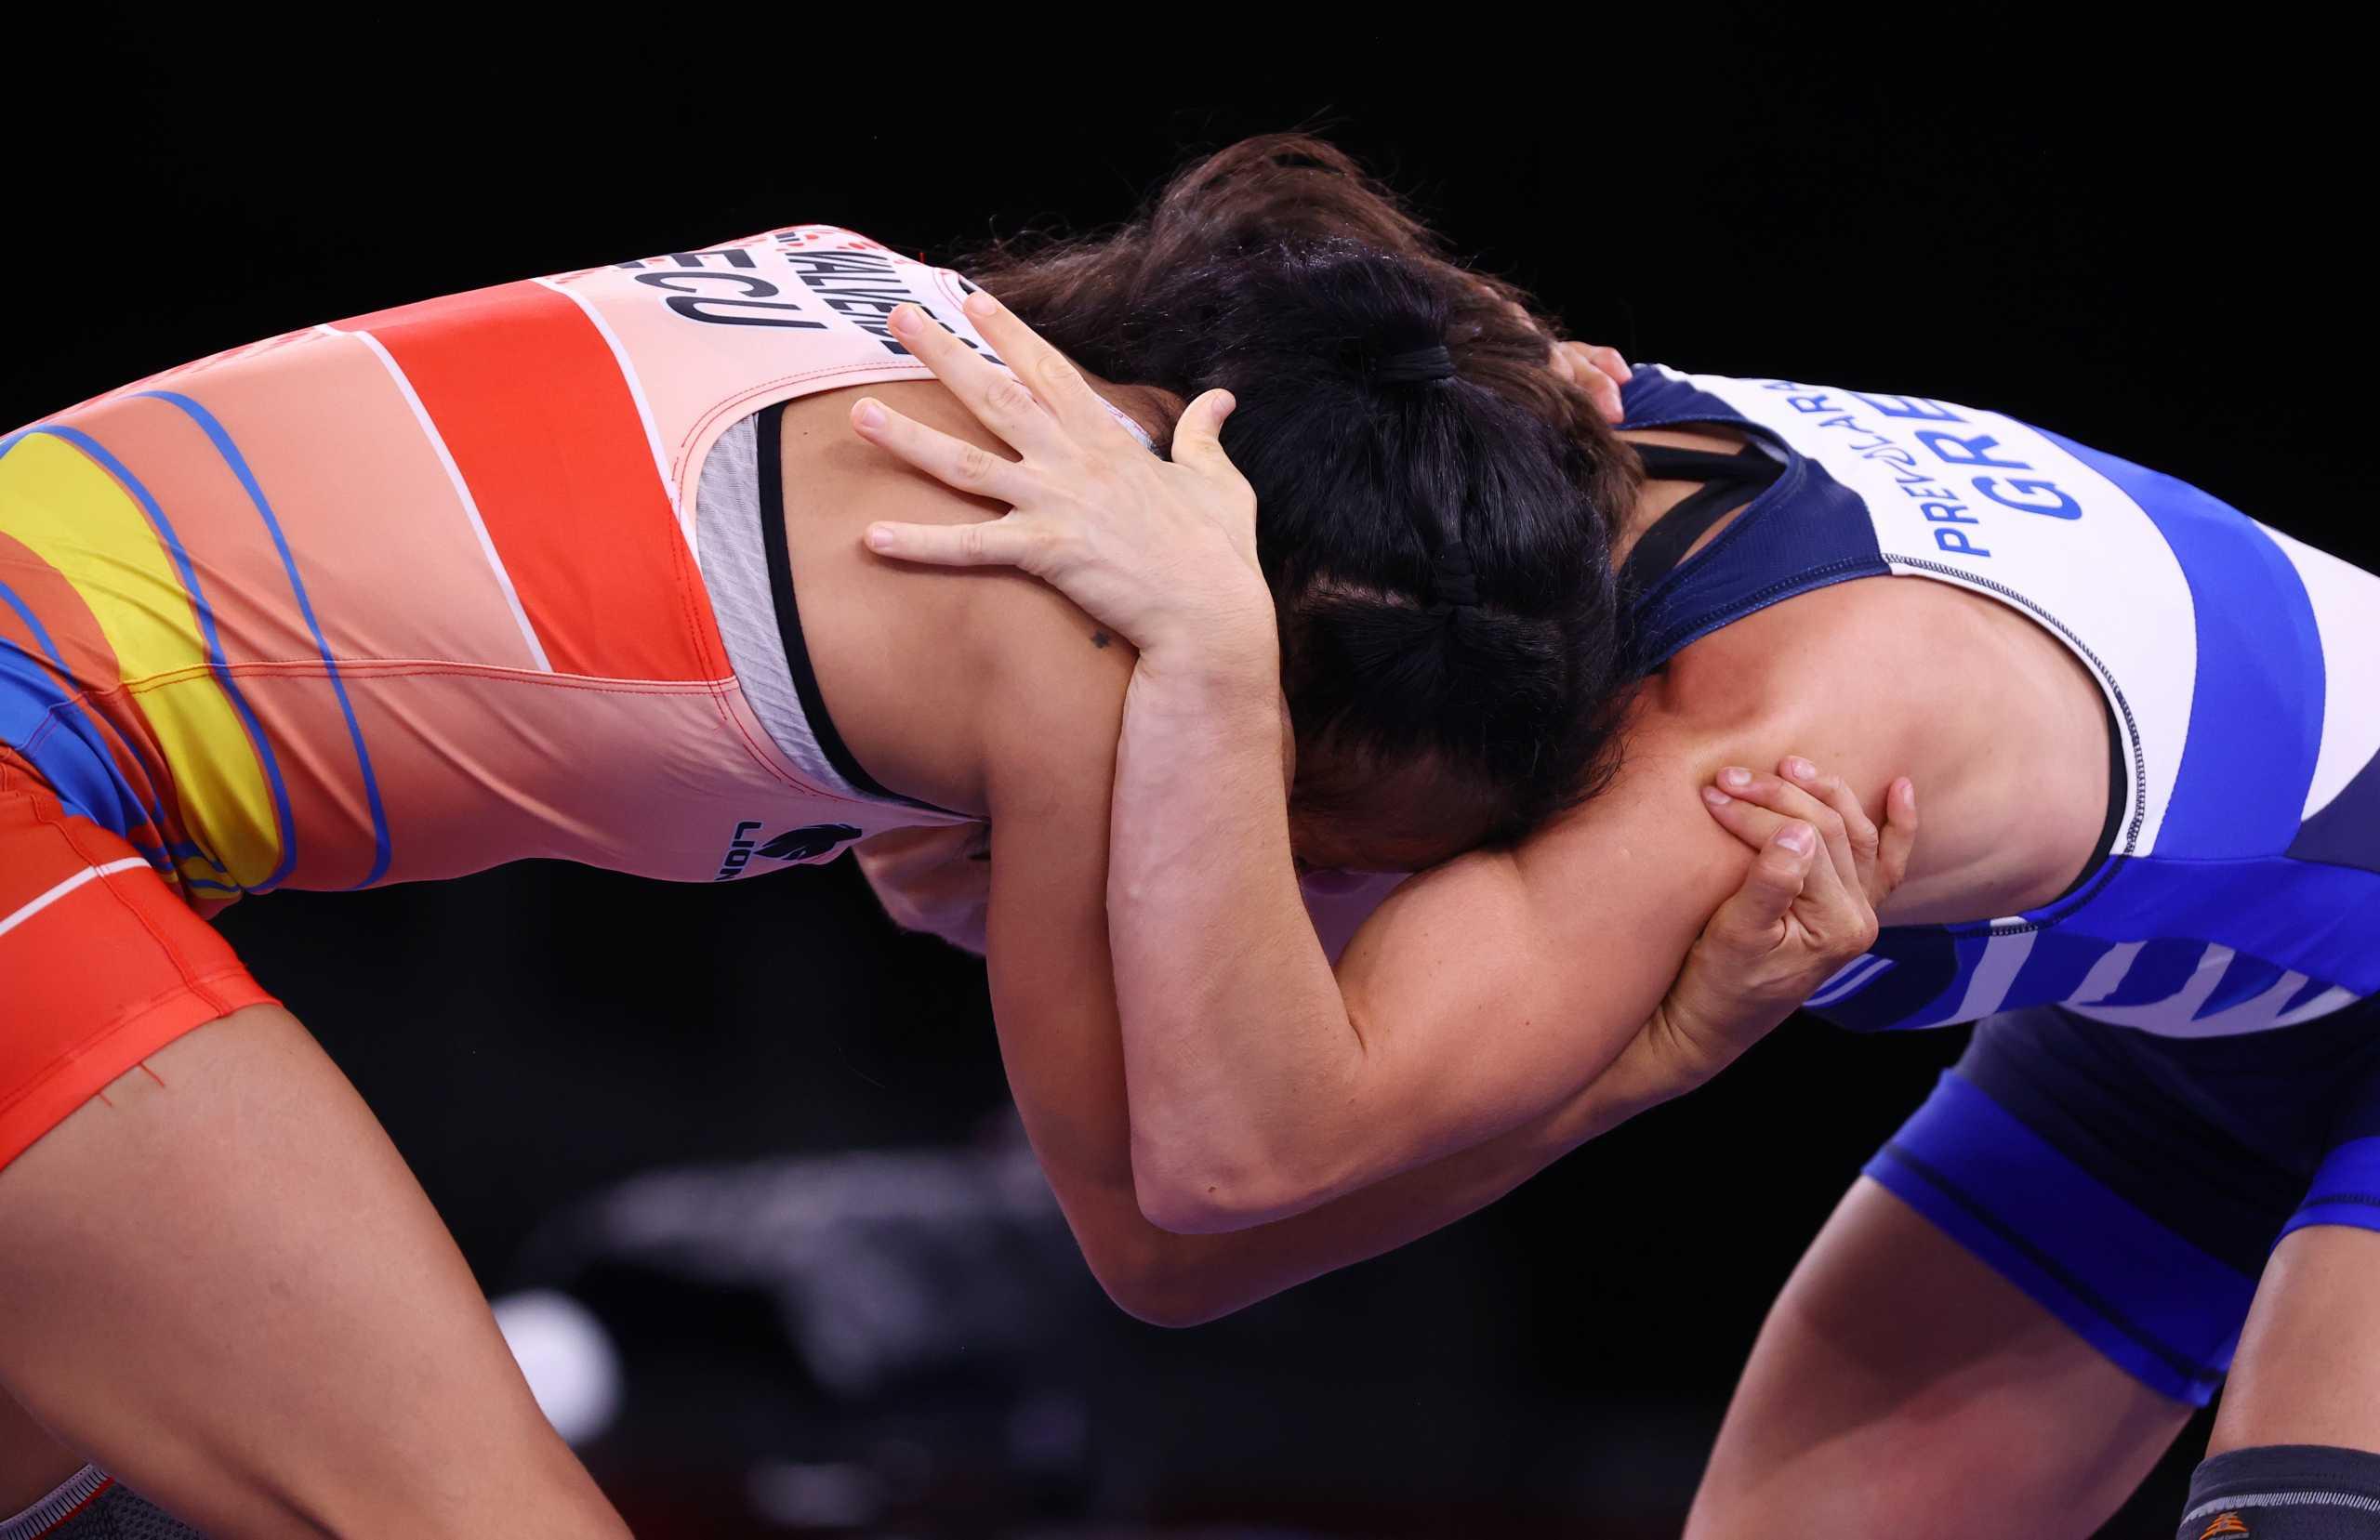 Ολυμπιακοί Αγώνες – Μαρία Πρεβολαράκη: Έχασε από Βαλβέρδε, αλλά ελπίζει